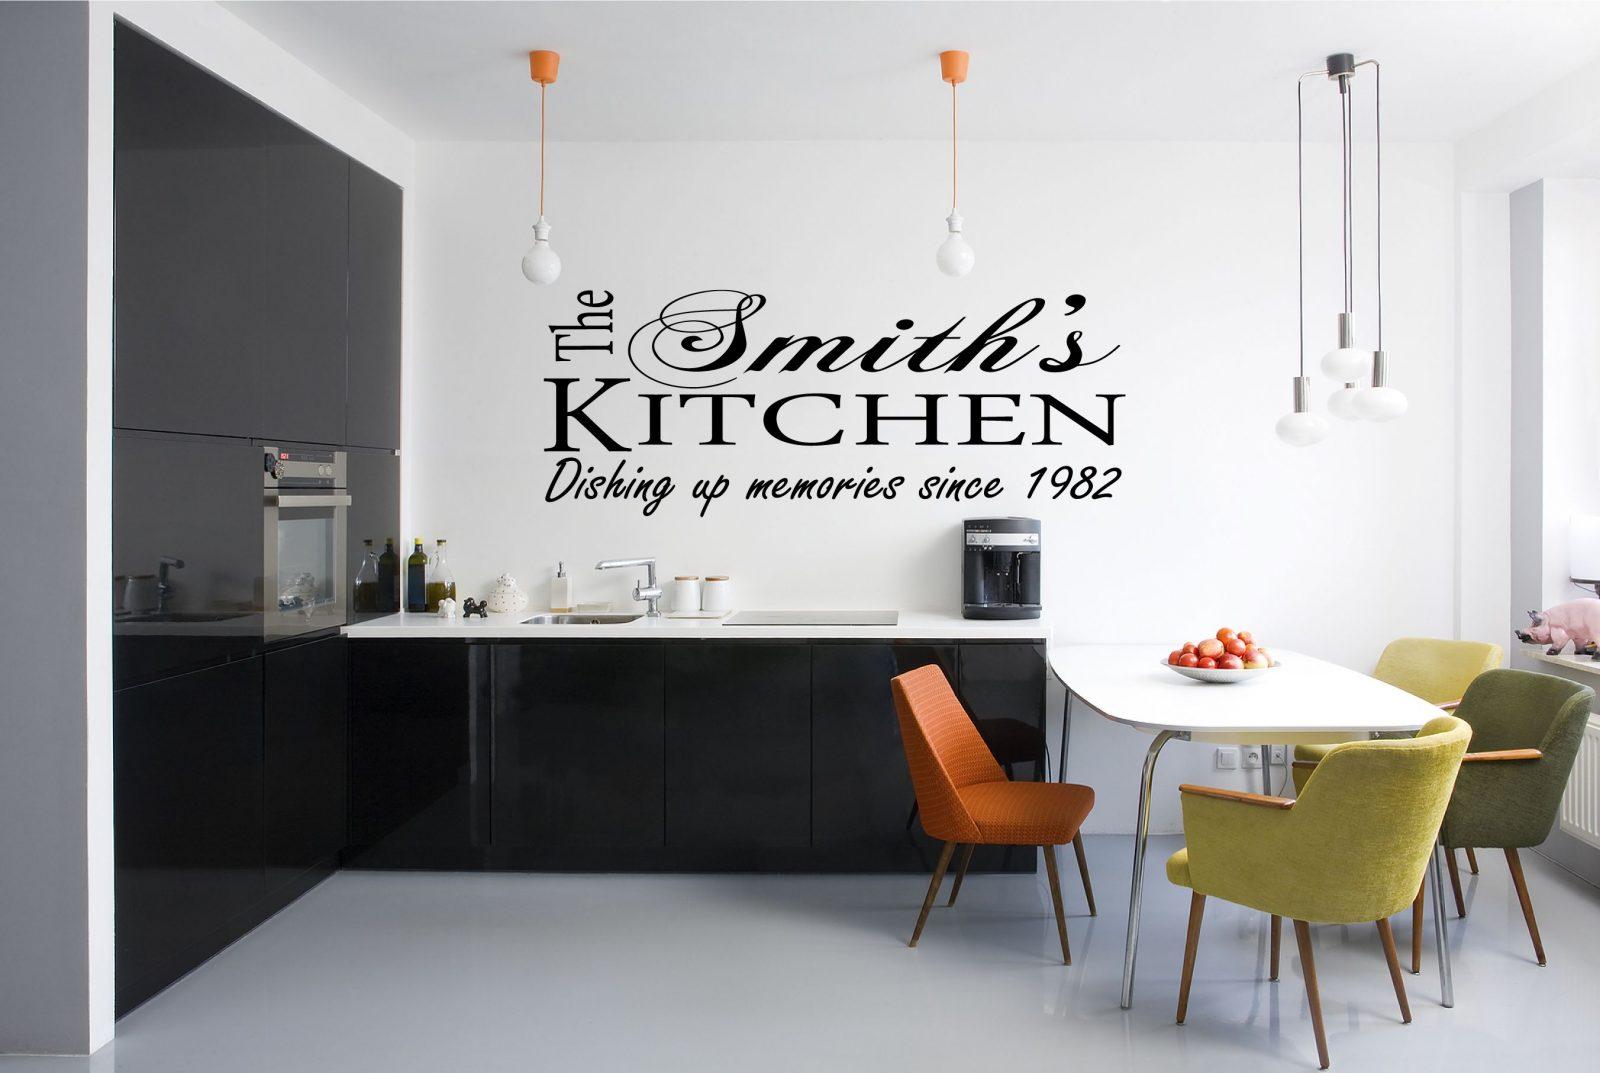 Vinilos decorativos para la cocina :: Imágenes y fotos